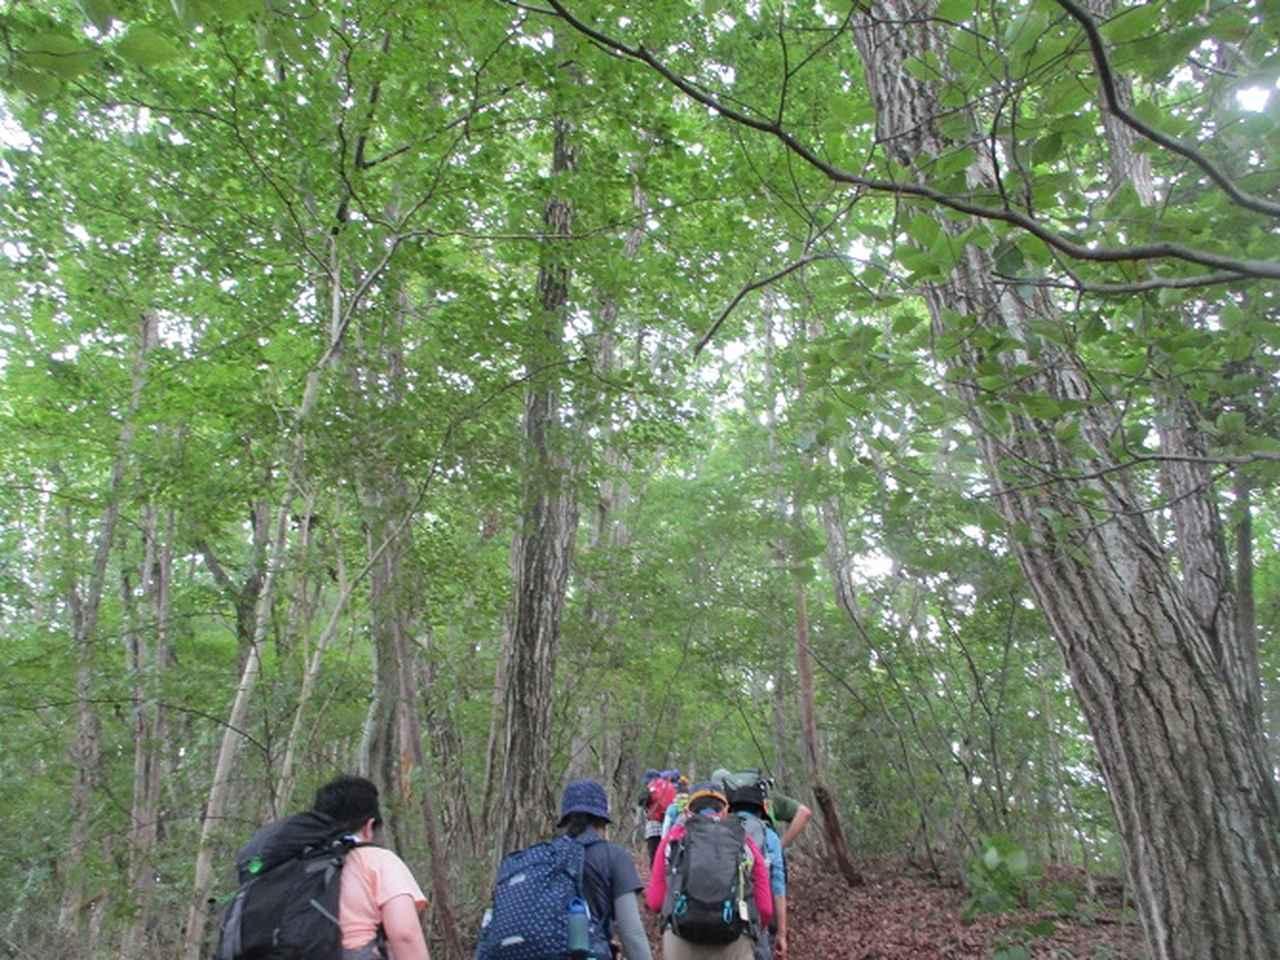 画像6: 8月10日に岡田ガイドの山旅会現地集合 「大塚山」 へ行ってきました!